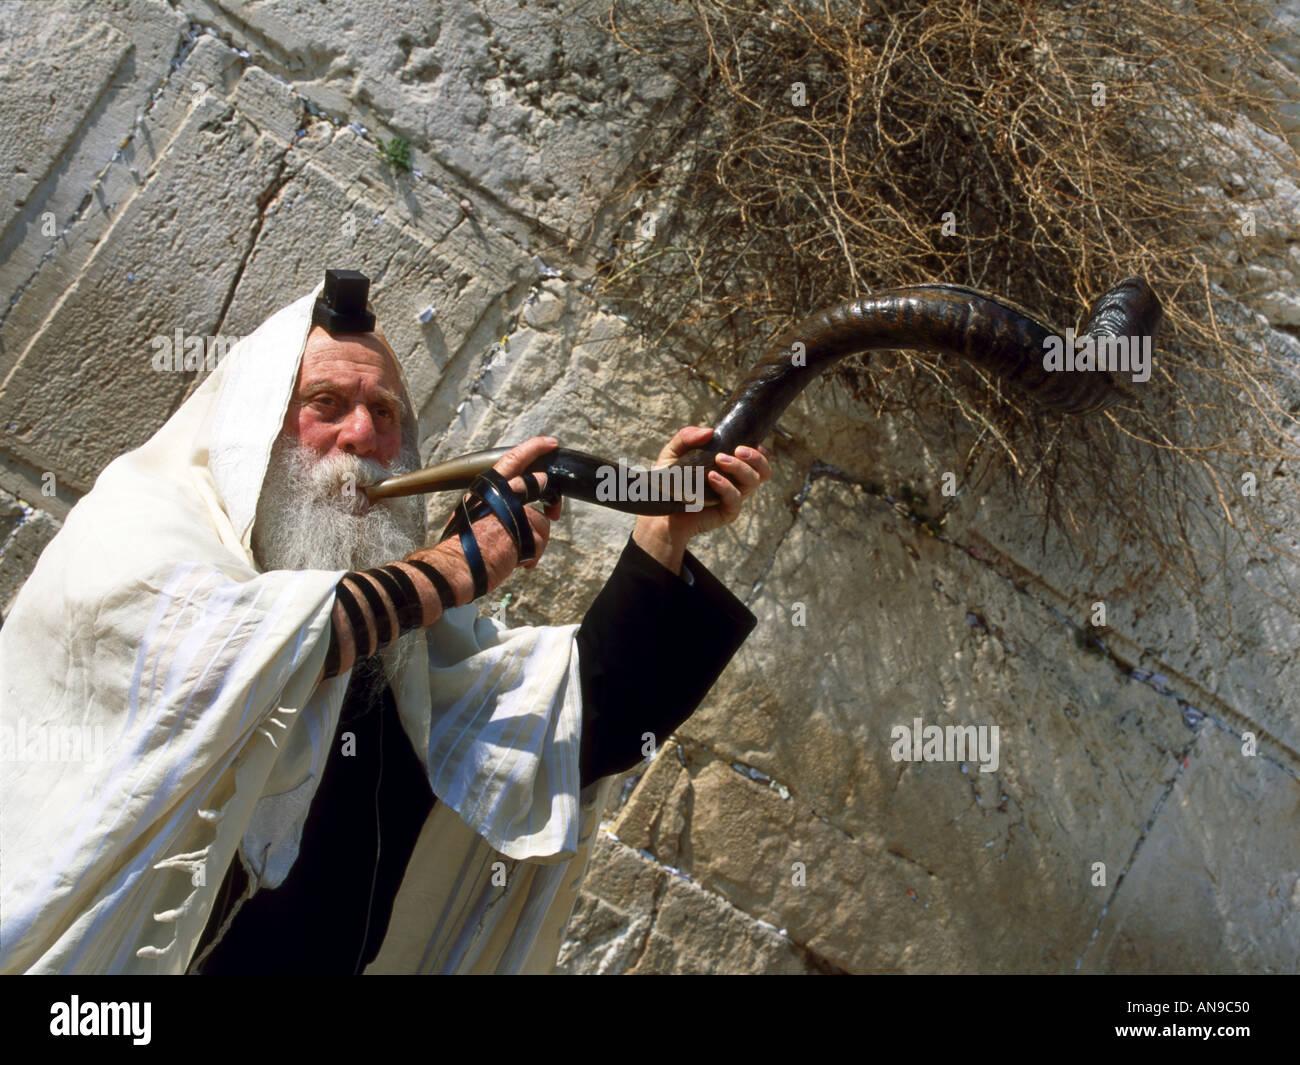 Rabbi at the Wailing Wall in Jerusalem - Stock Image